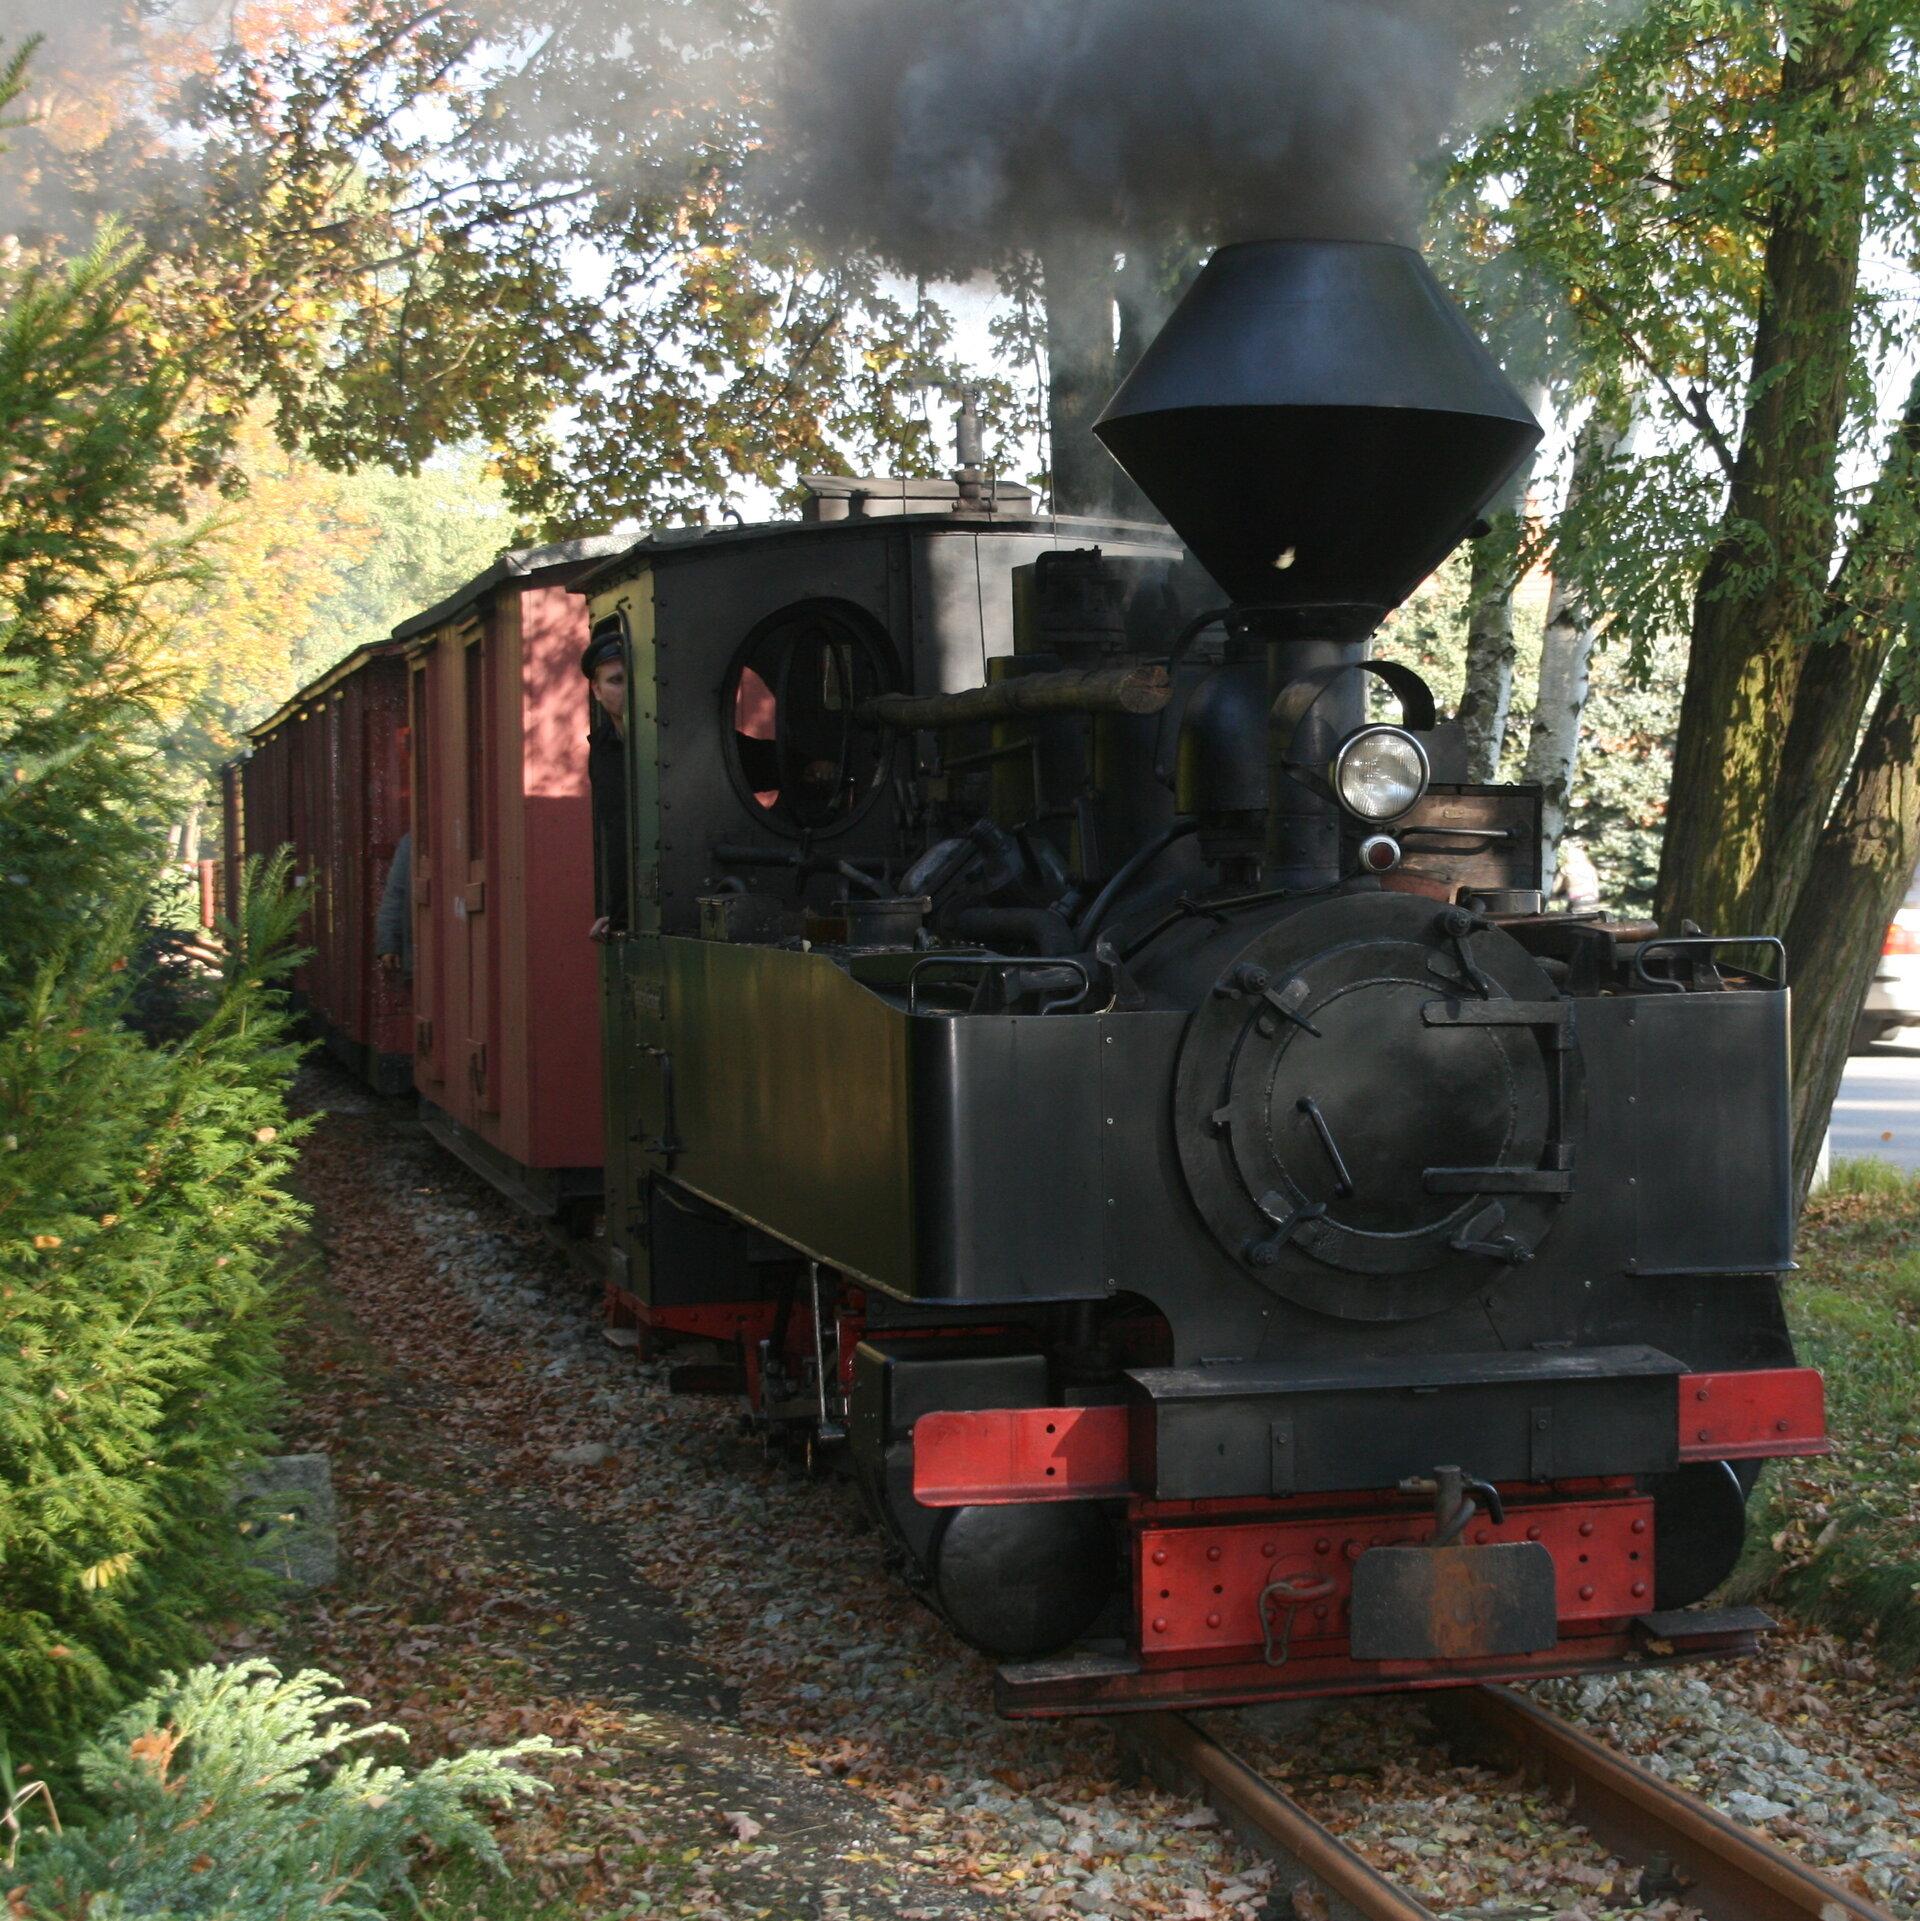 Die_Waldeisenbahn_Muskau_verbindet_Wei_wasser_und_Bad_Muskau